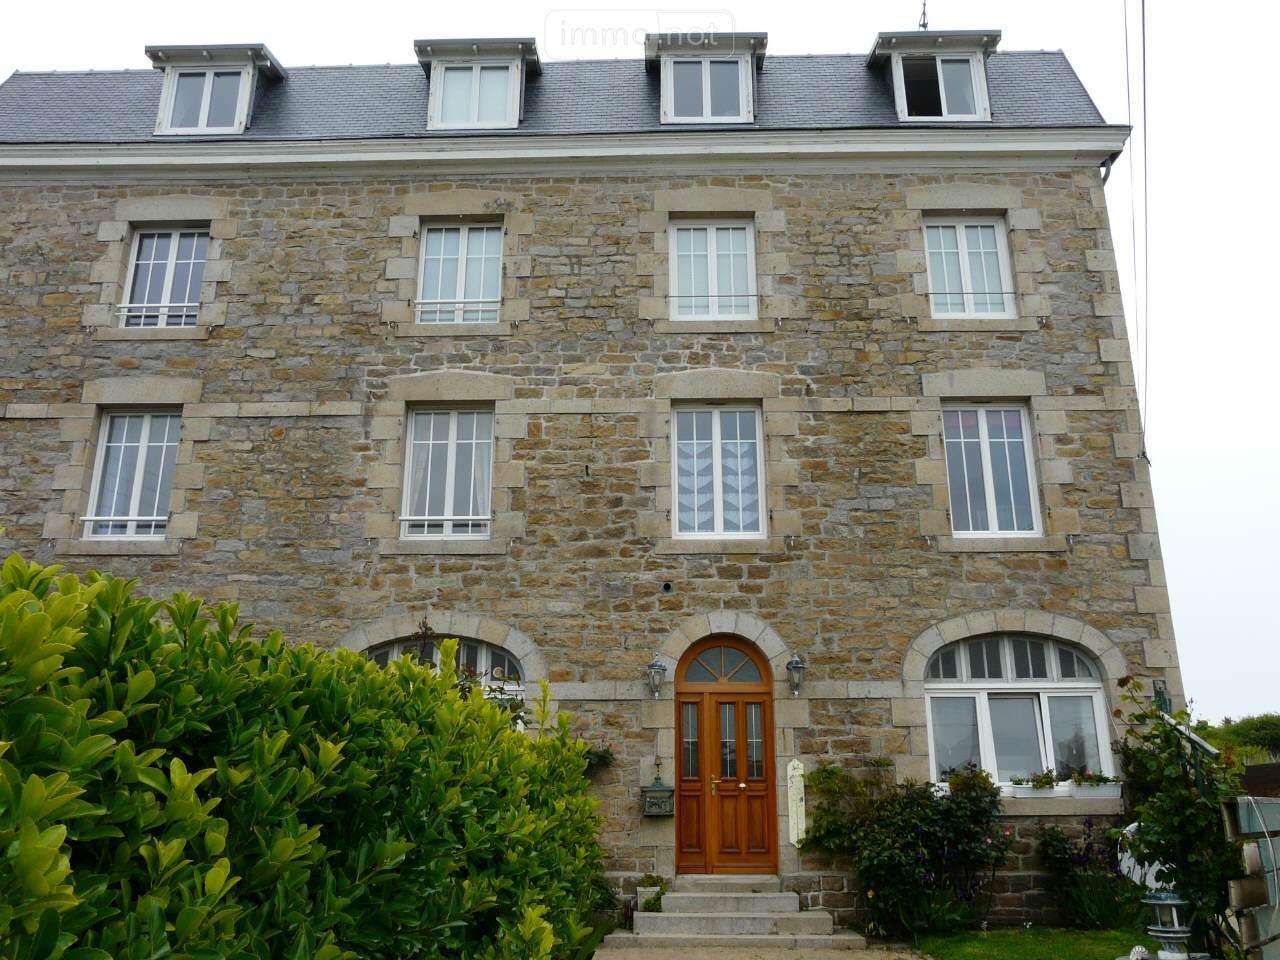 Appartement a vendre Pleumeur-Bodou 22560 Cotes-d'Armor 25 m2 2 pièces 83772 euros